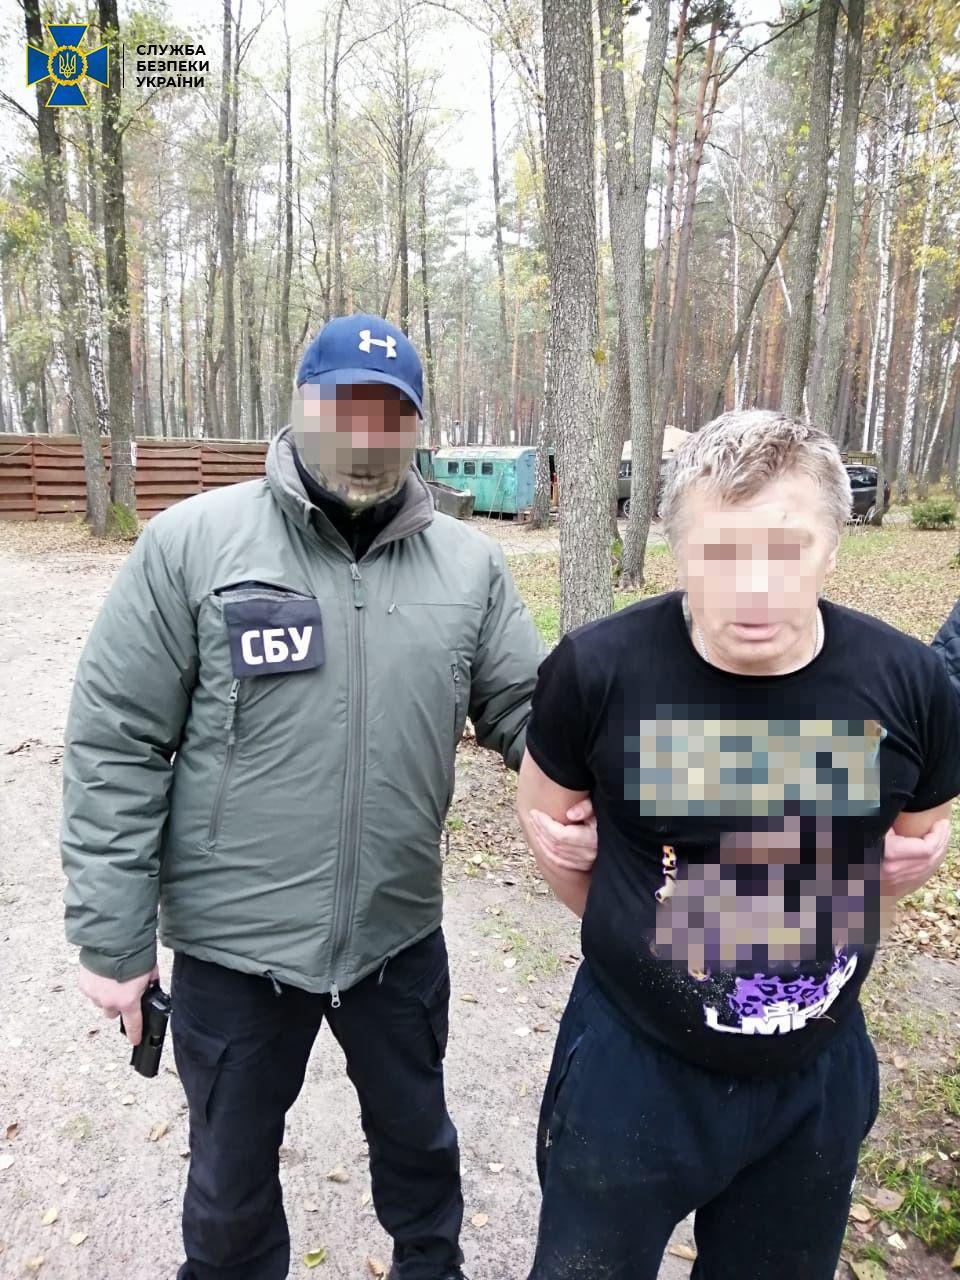 Ривненщина: Криминальный авторитет скрывался на базе отдыха